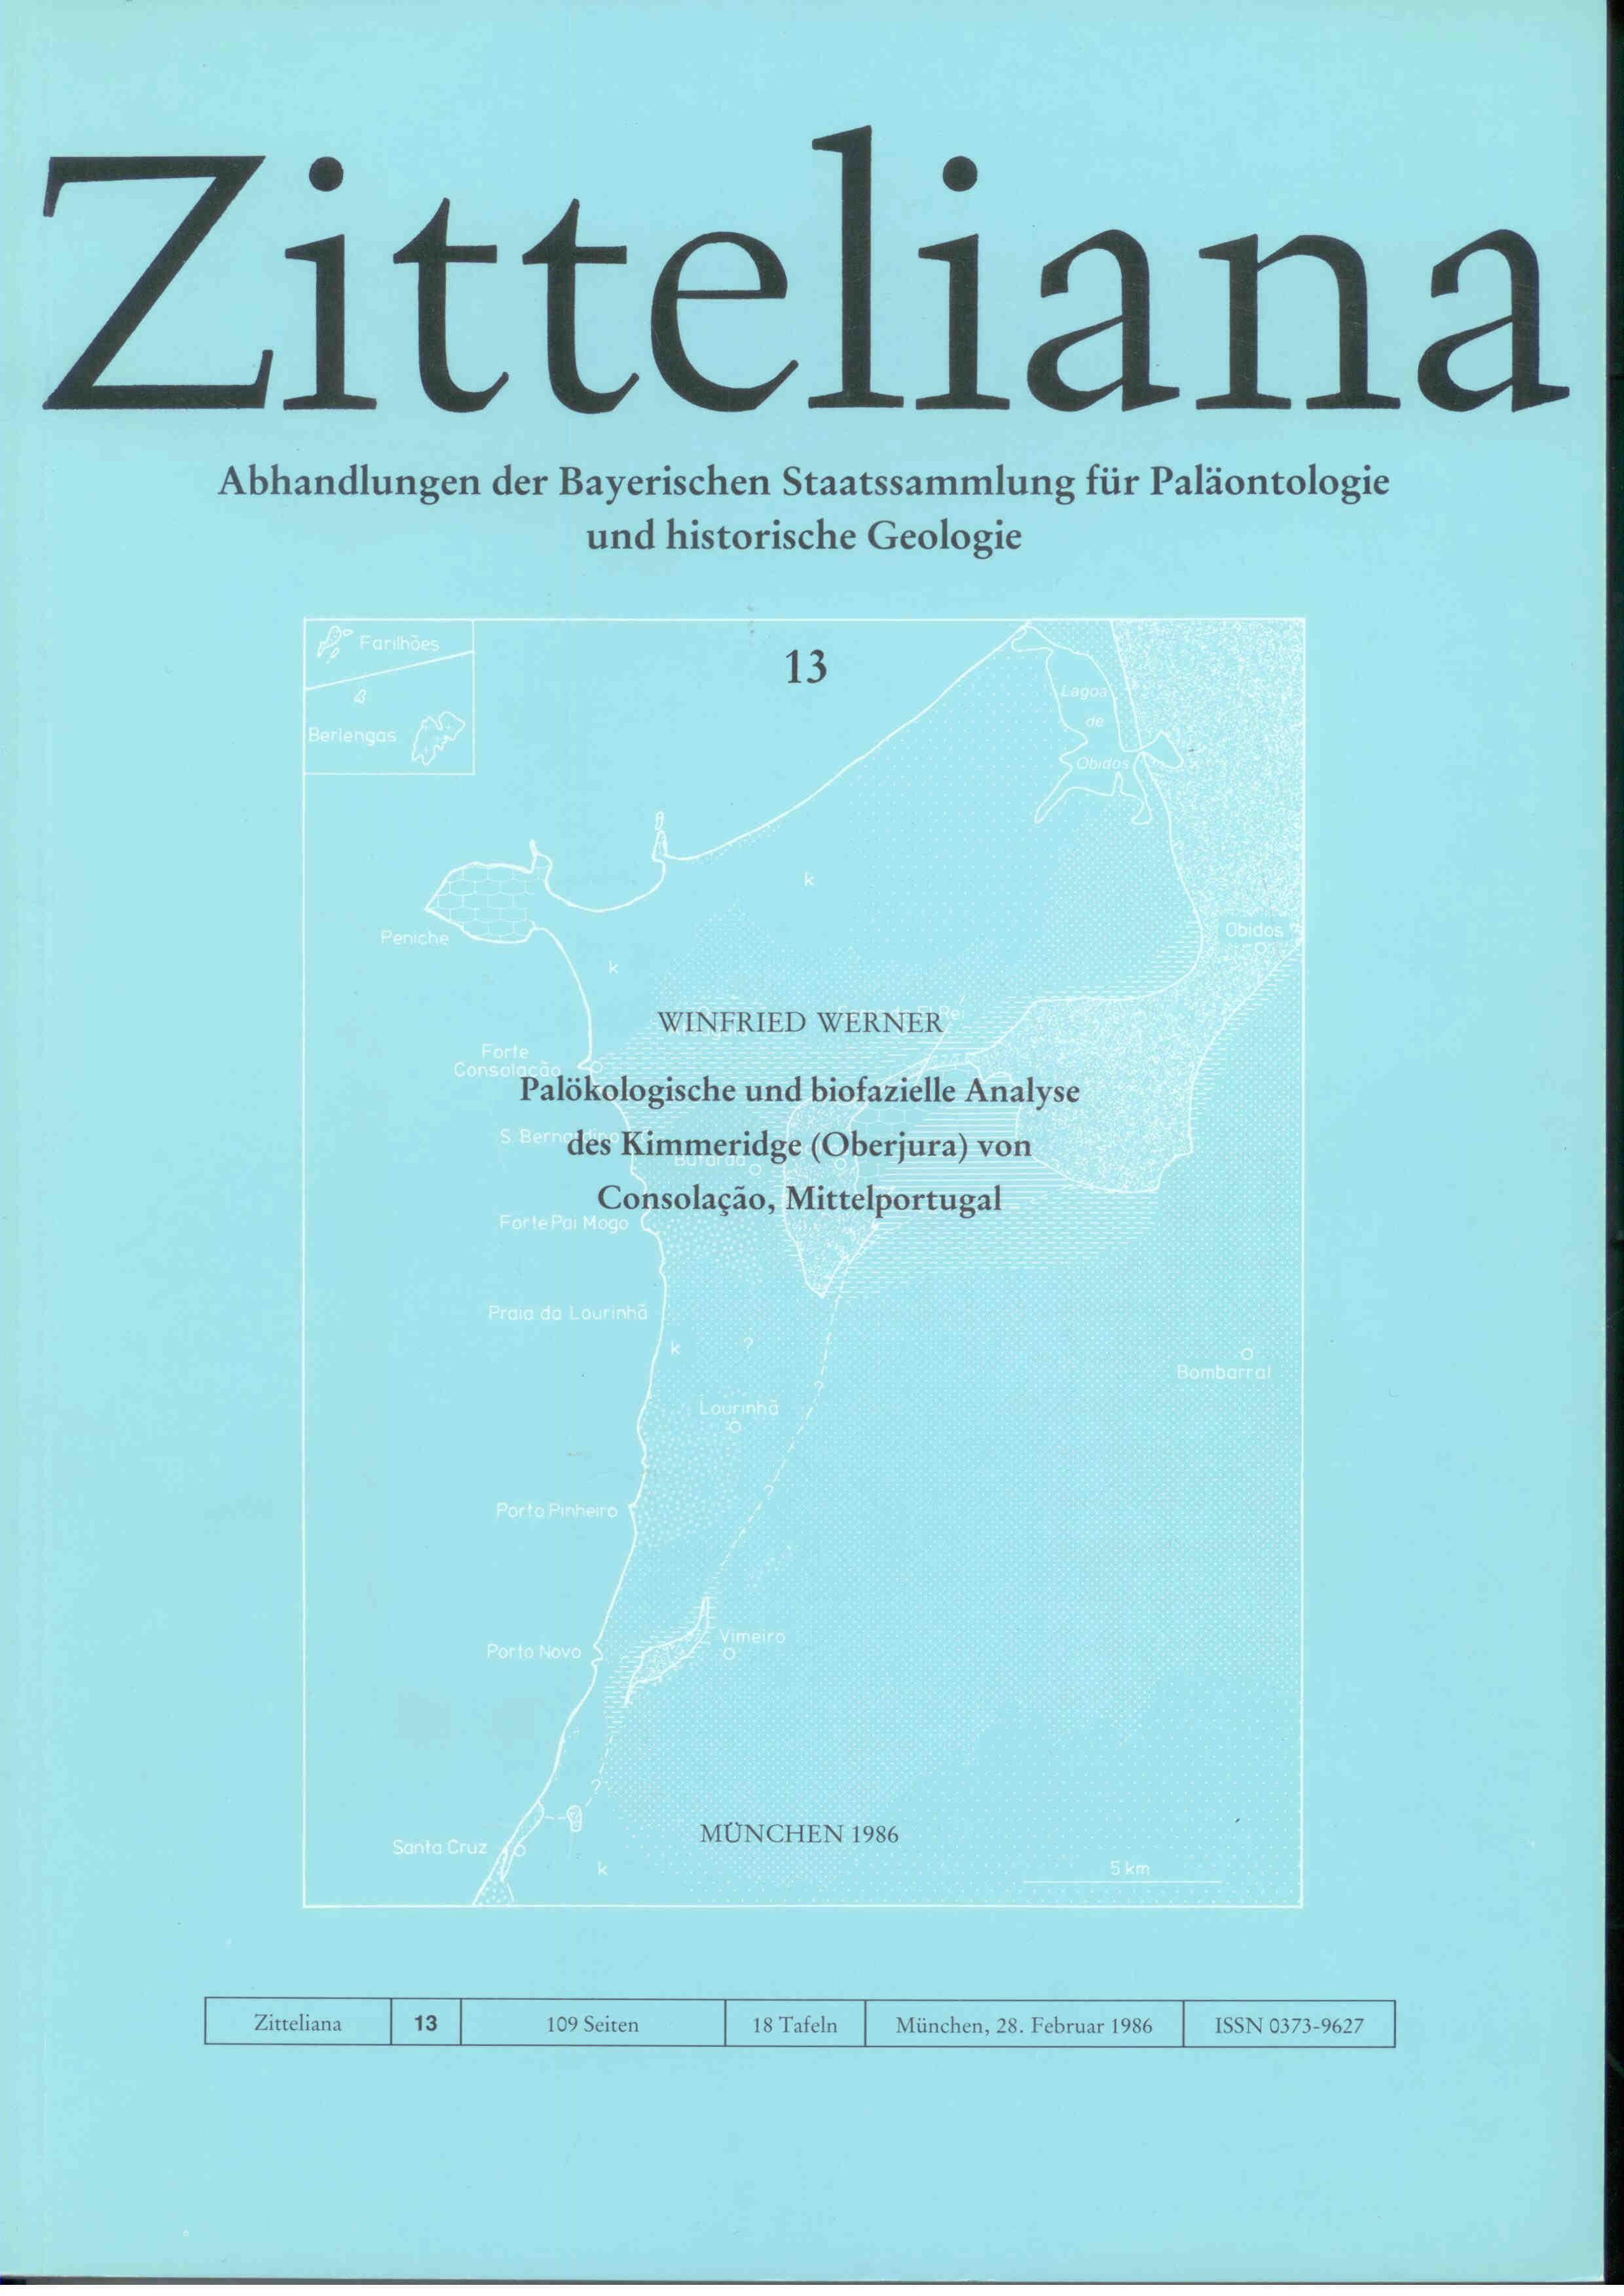 Werner W.: Palökologische und biofazielle Analyse des Kimmeridge (Oberjura) von Consolacao, Mittelportugal.  ZITTELIANA 13